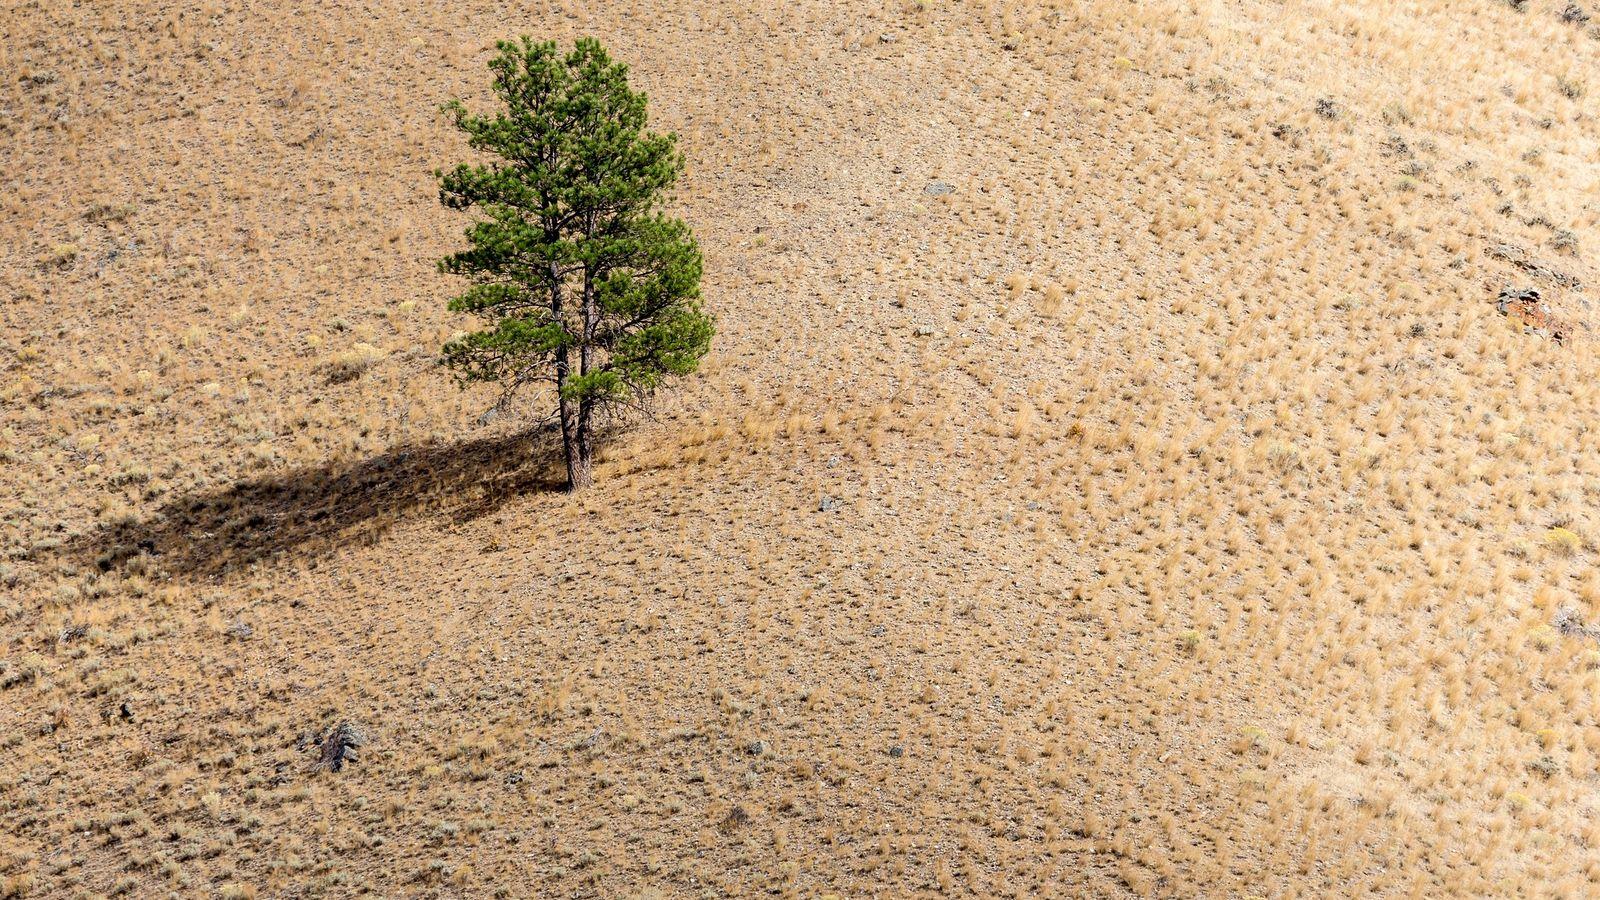 Árvore solitária em encosta